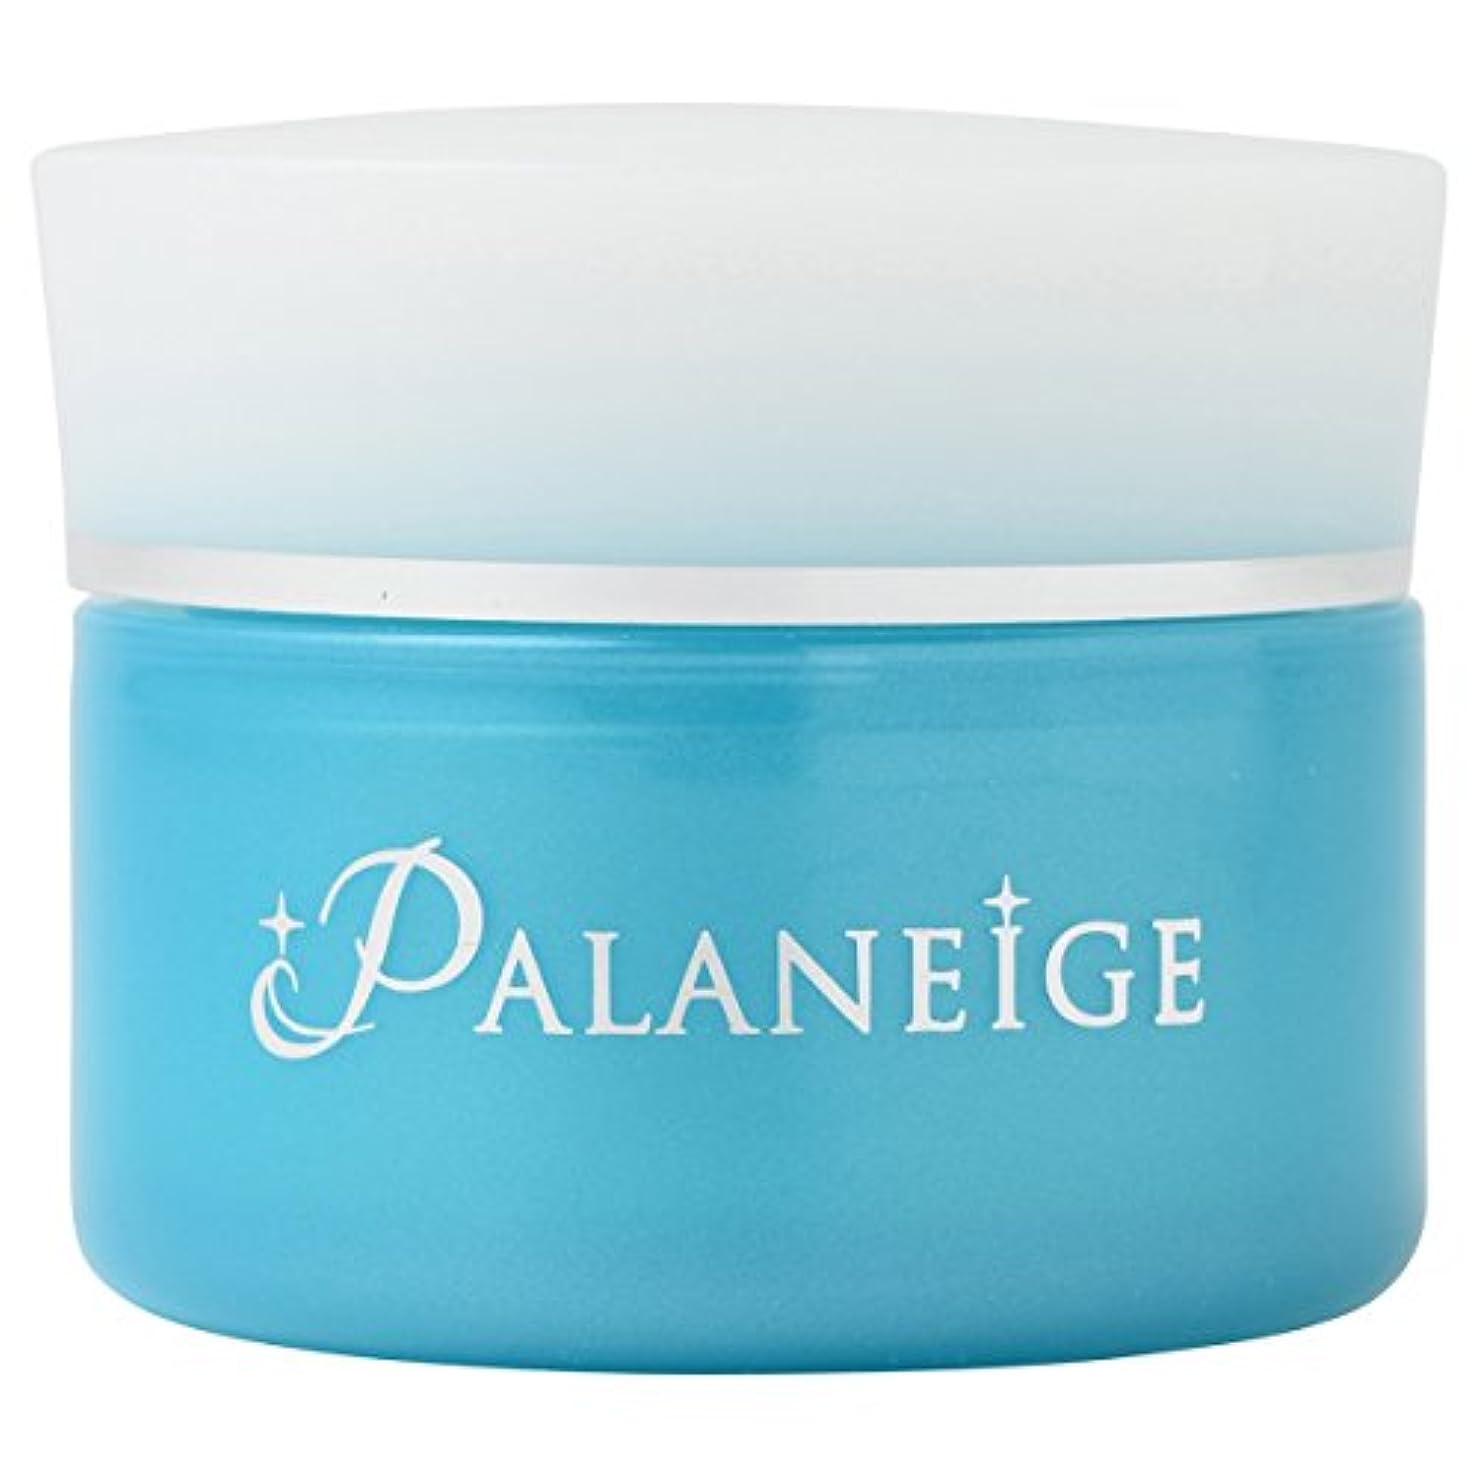 日食浴音楽パラネージュ ( Palaneige ) アルブチンの8倍の美白効果とプラセンタの250倍の美白有効成分があるパラオの白泥を利用した クレイパック